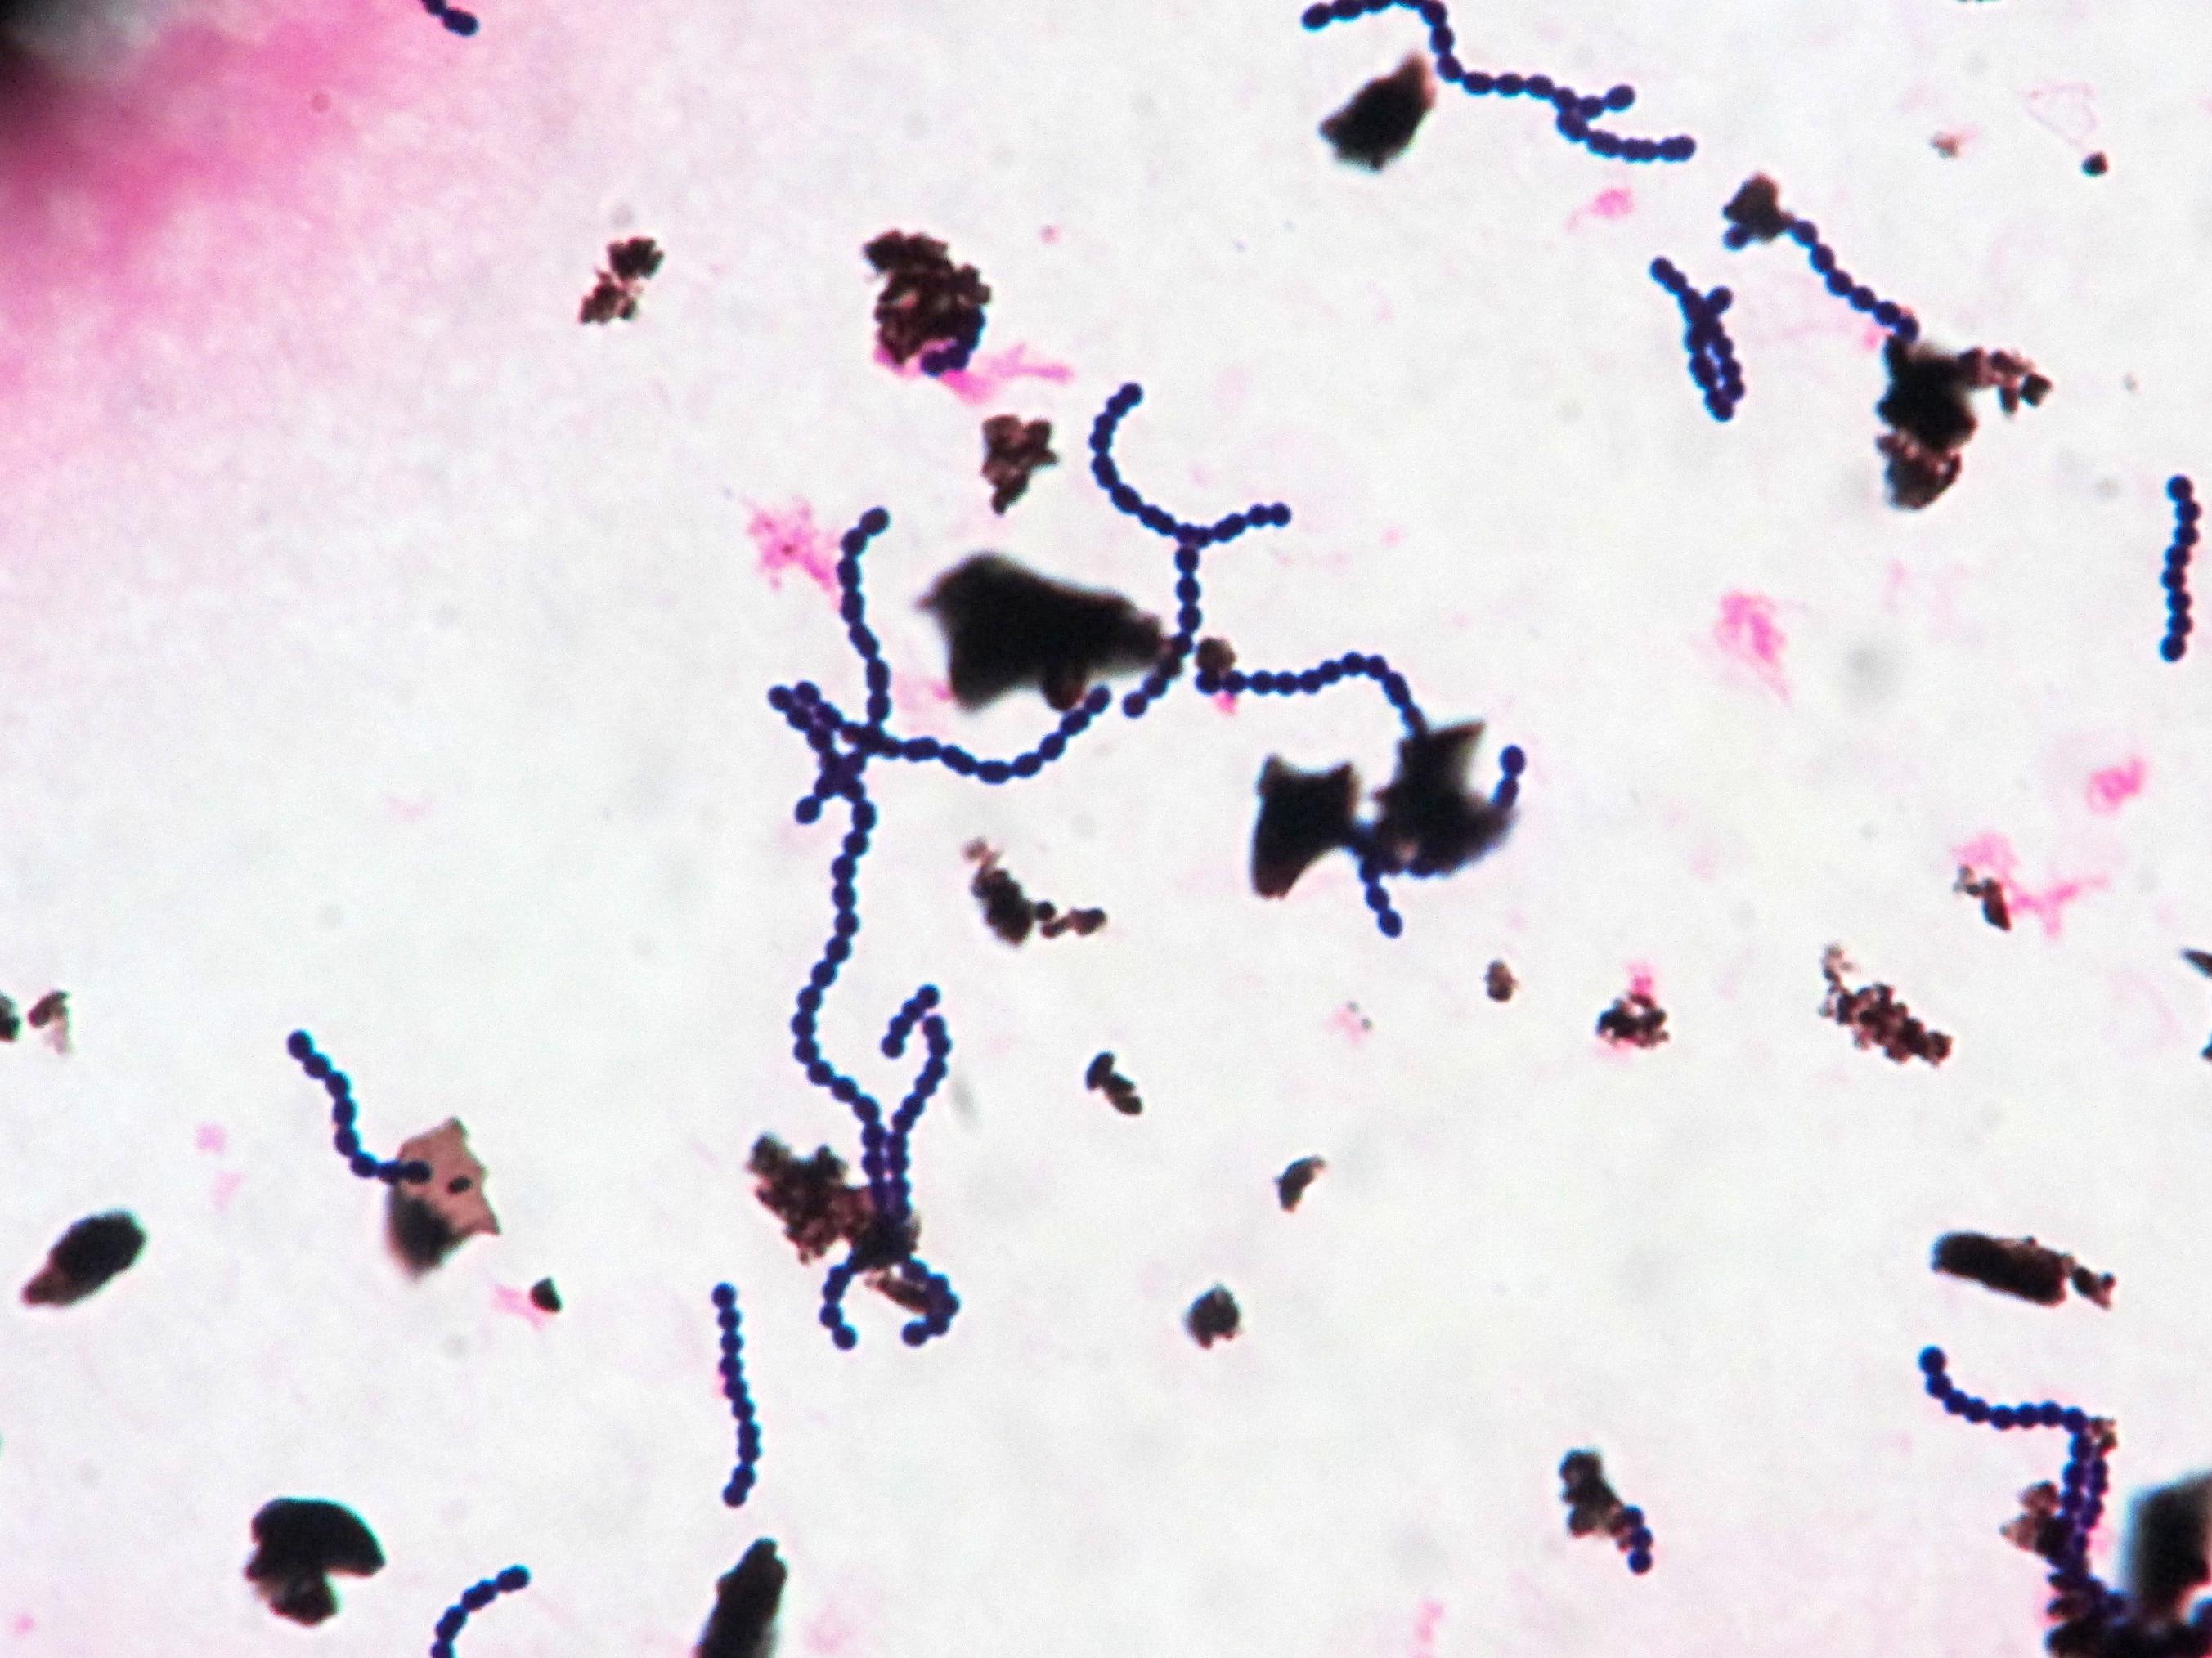 Streptococcus dysagalactiae